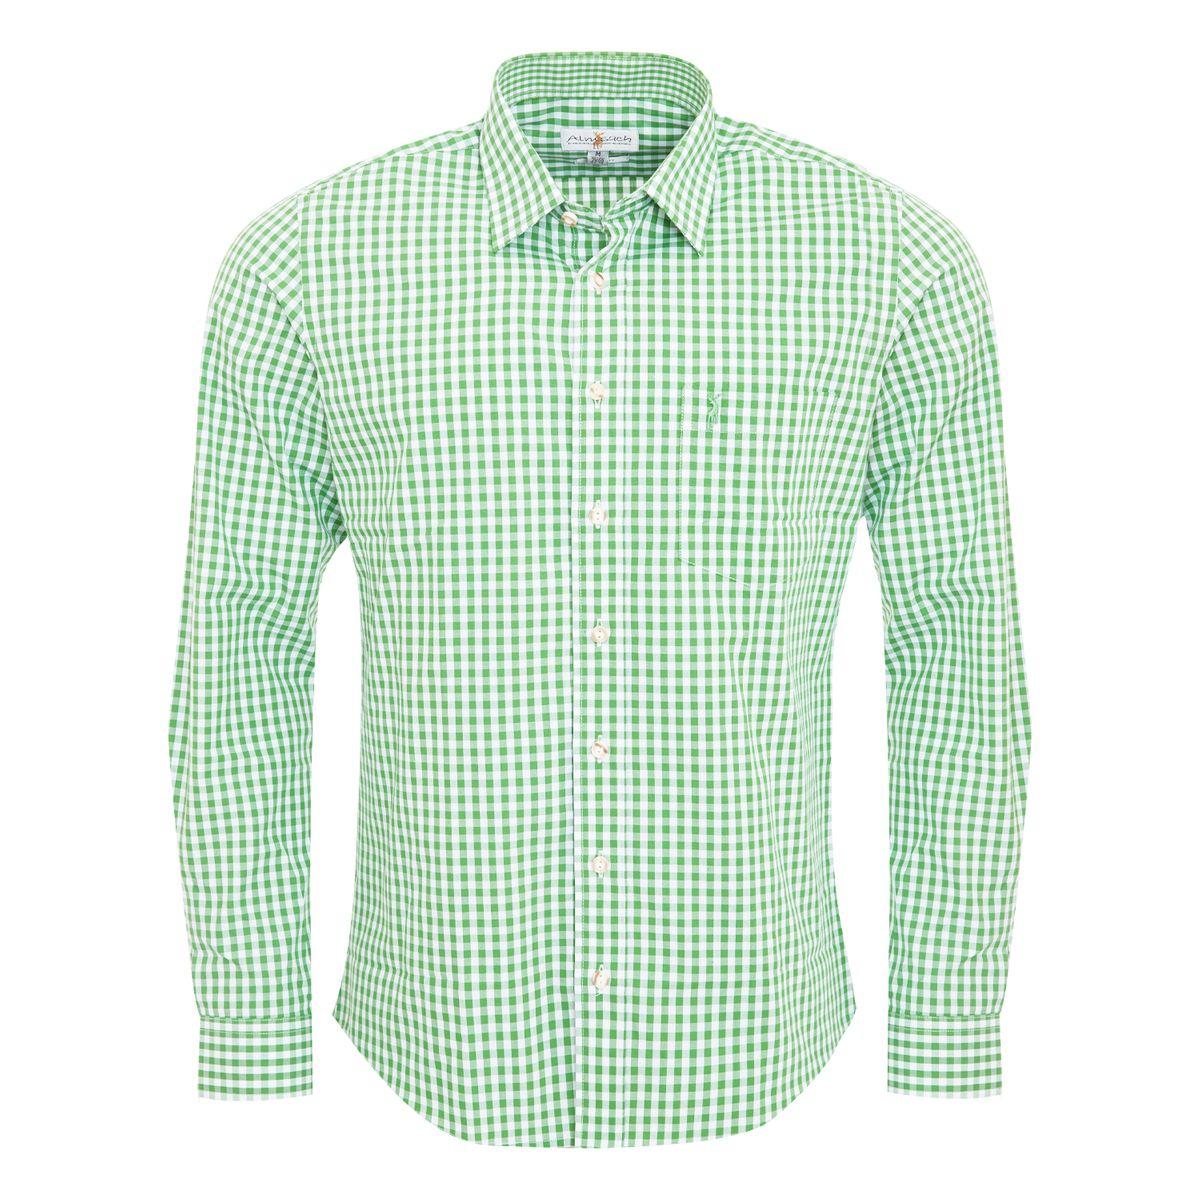 Trachtenhemd Liberto Slim Fit in Hellgrün von Almsach günstig online kaufen